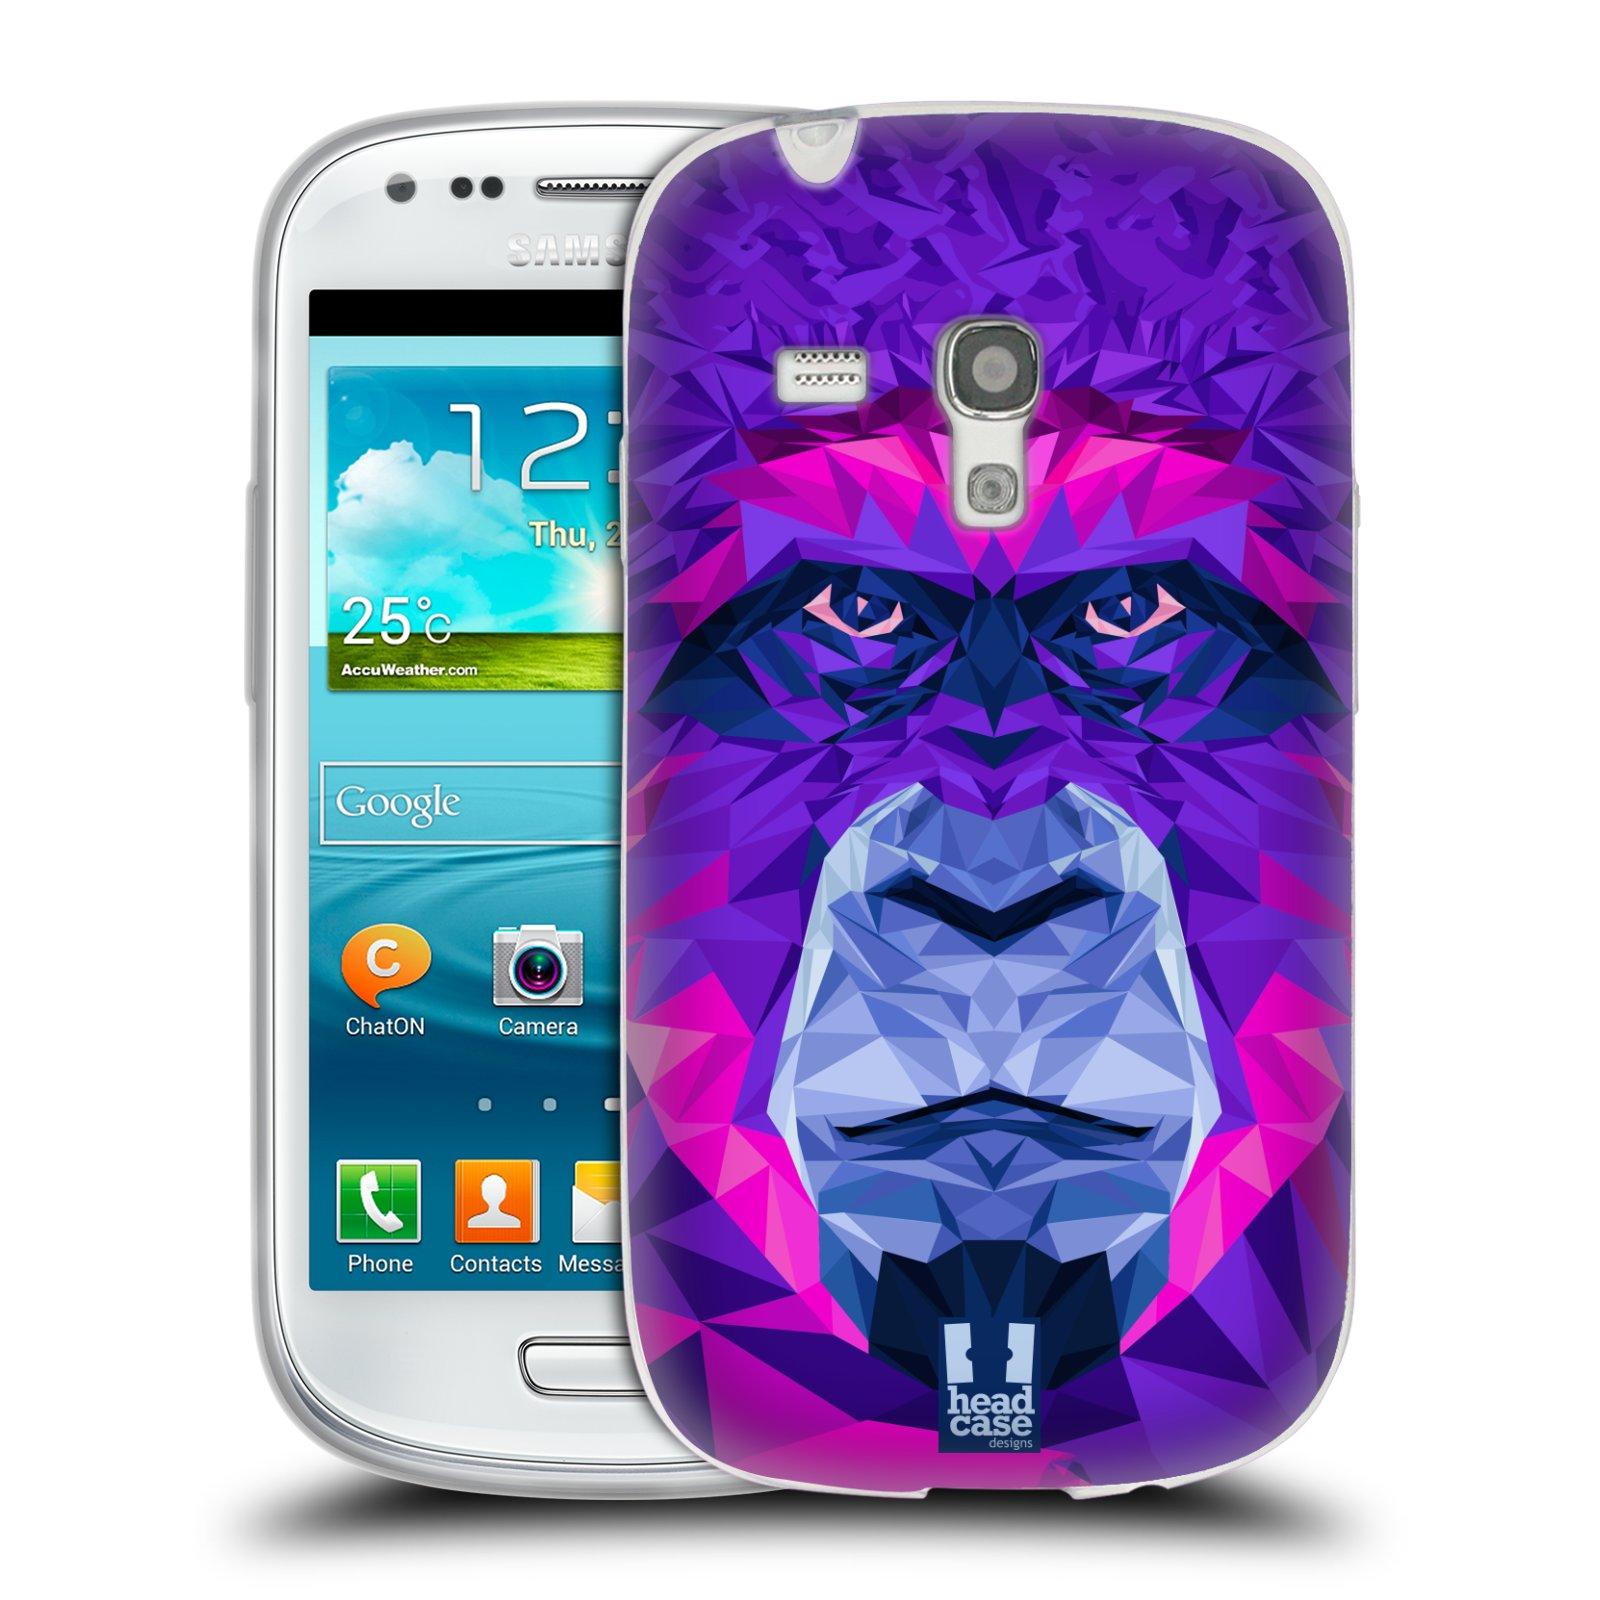 HEAD CASE silikonový obal na mobil Samsung Galaxy S3 MINI i8190 vzor Geometrická zvířata 2 Orangutan